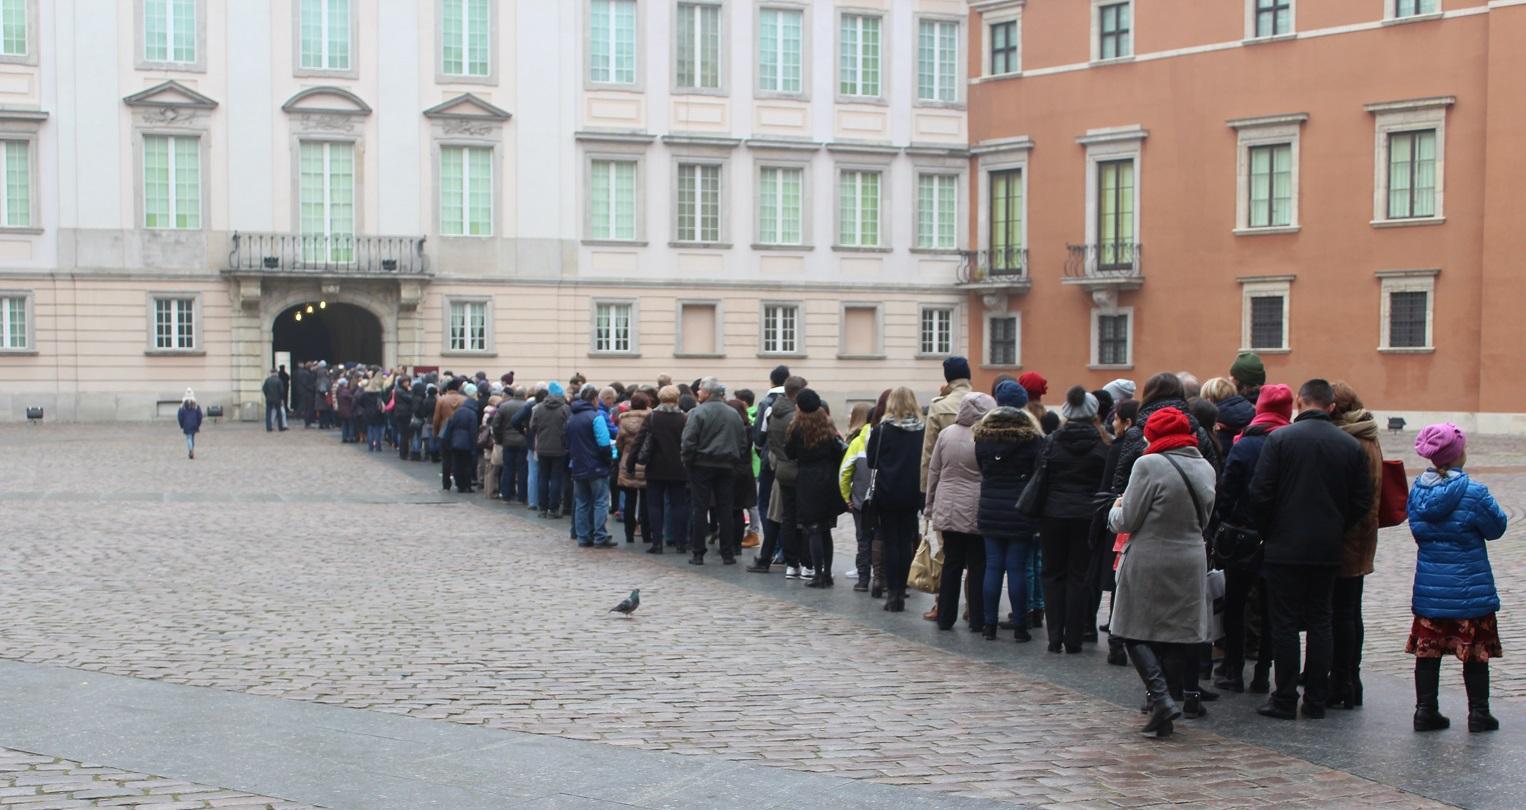 Kolejka oczekujących na wejście do Zamku Królewskiego. Nasi goście nie musieli tkwić na zimnie i w deszczu.